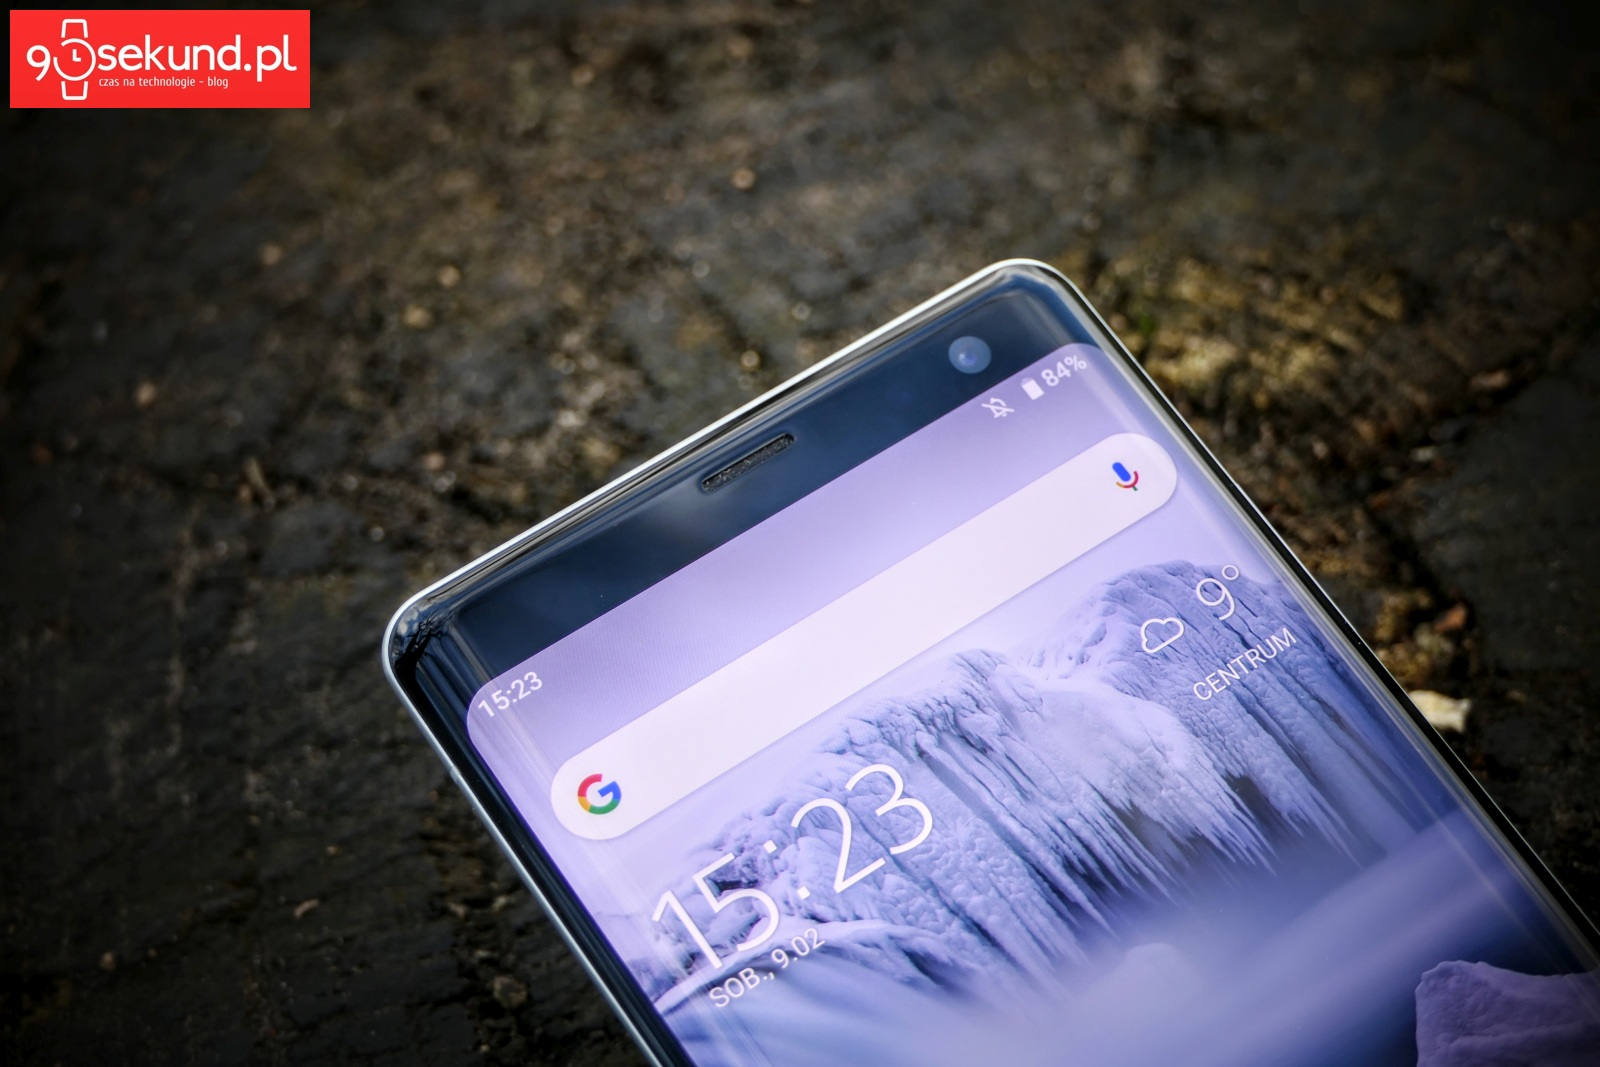 Recenzja Sony Xperia XZ3 - Michał Brożyński 90sekund.pl